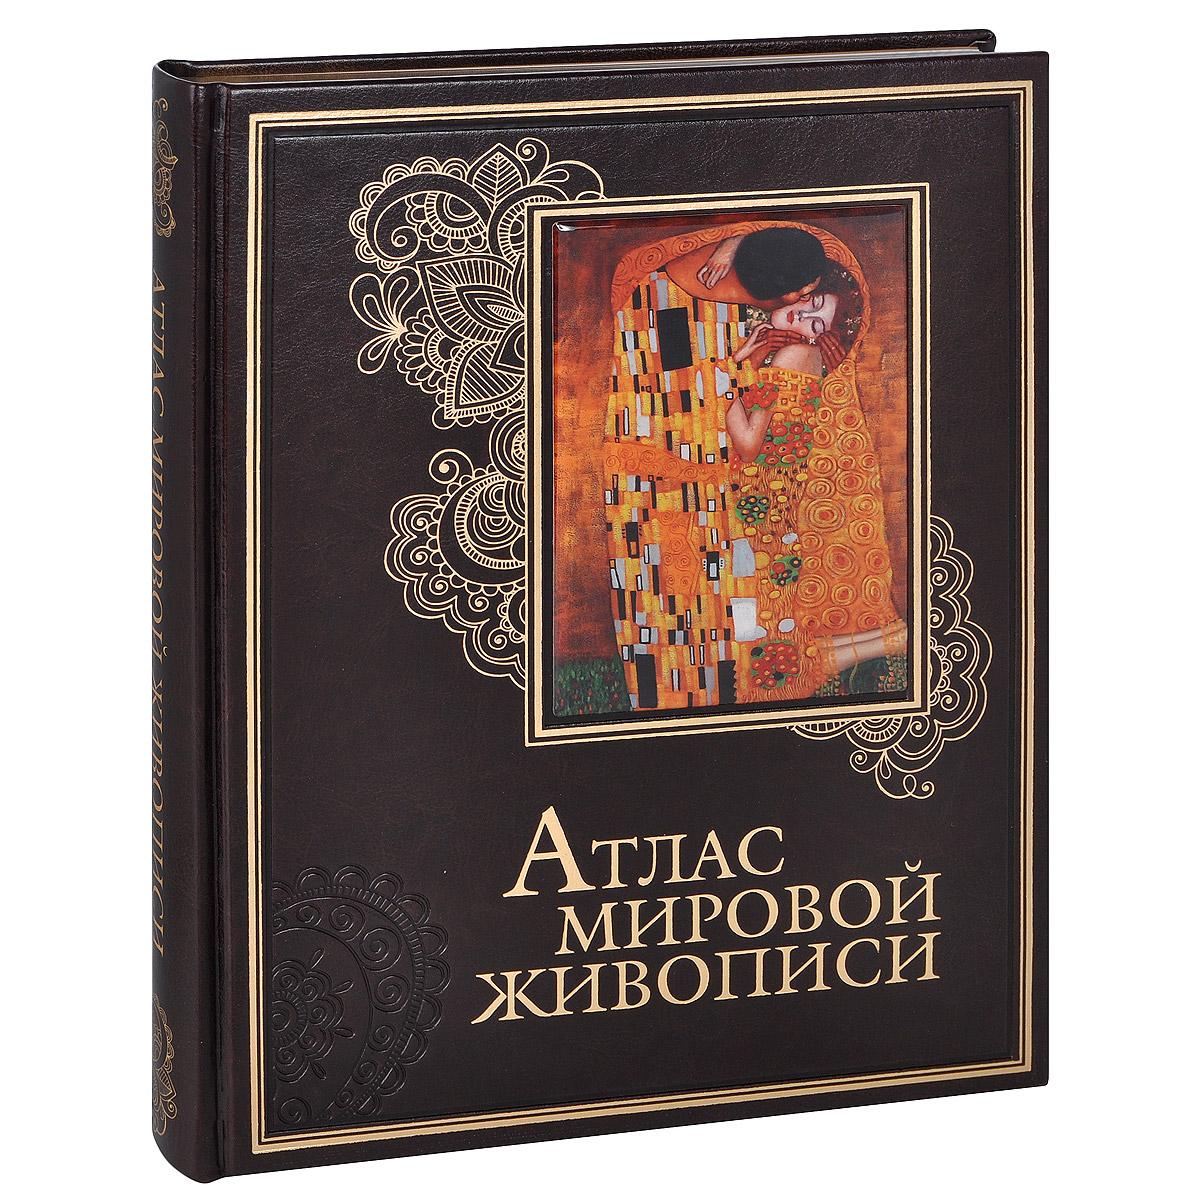 Атлас мировой живописи (подарочное издание)